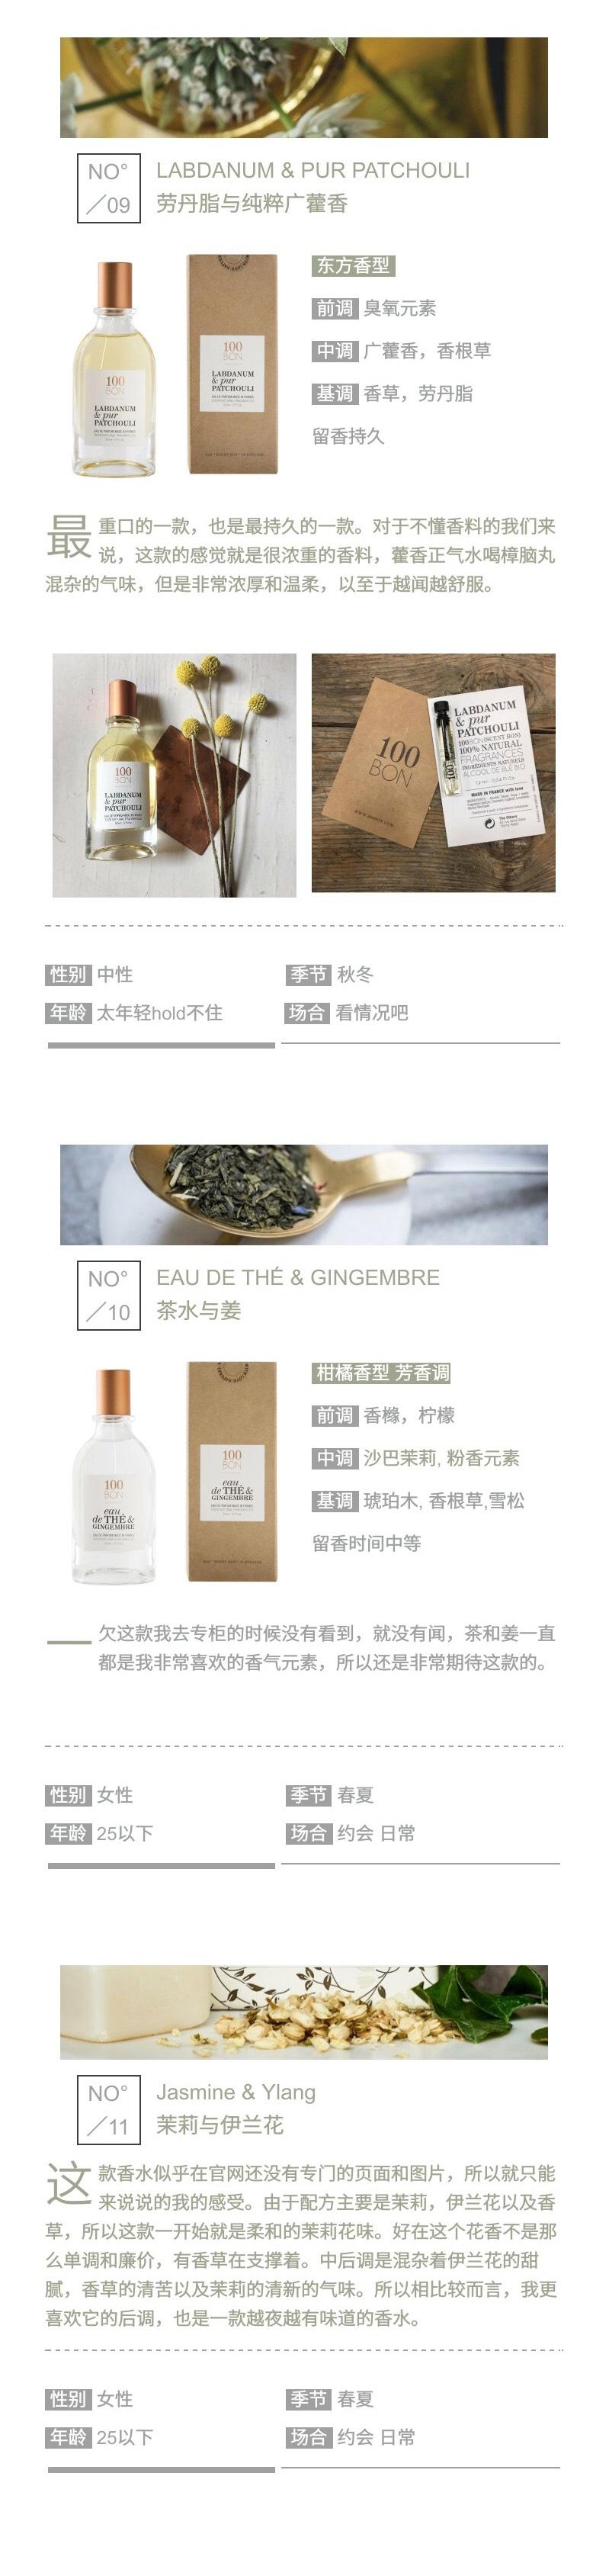 🍃法国平价小资香水100 BON 11款香水测评(下)🍃